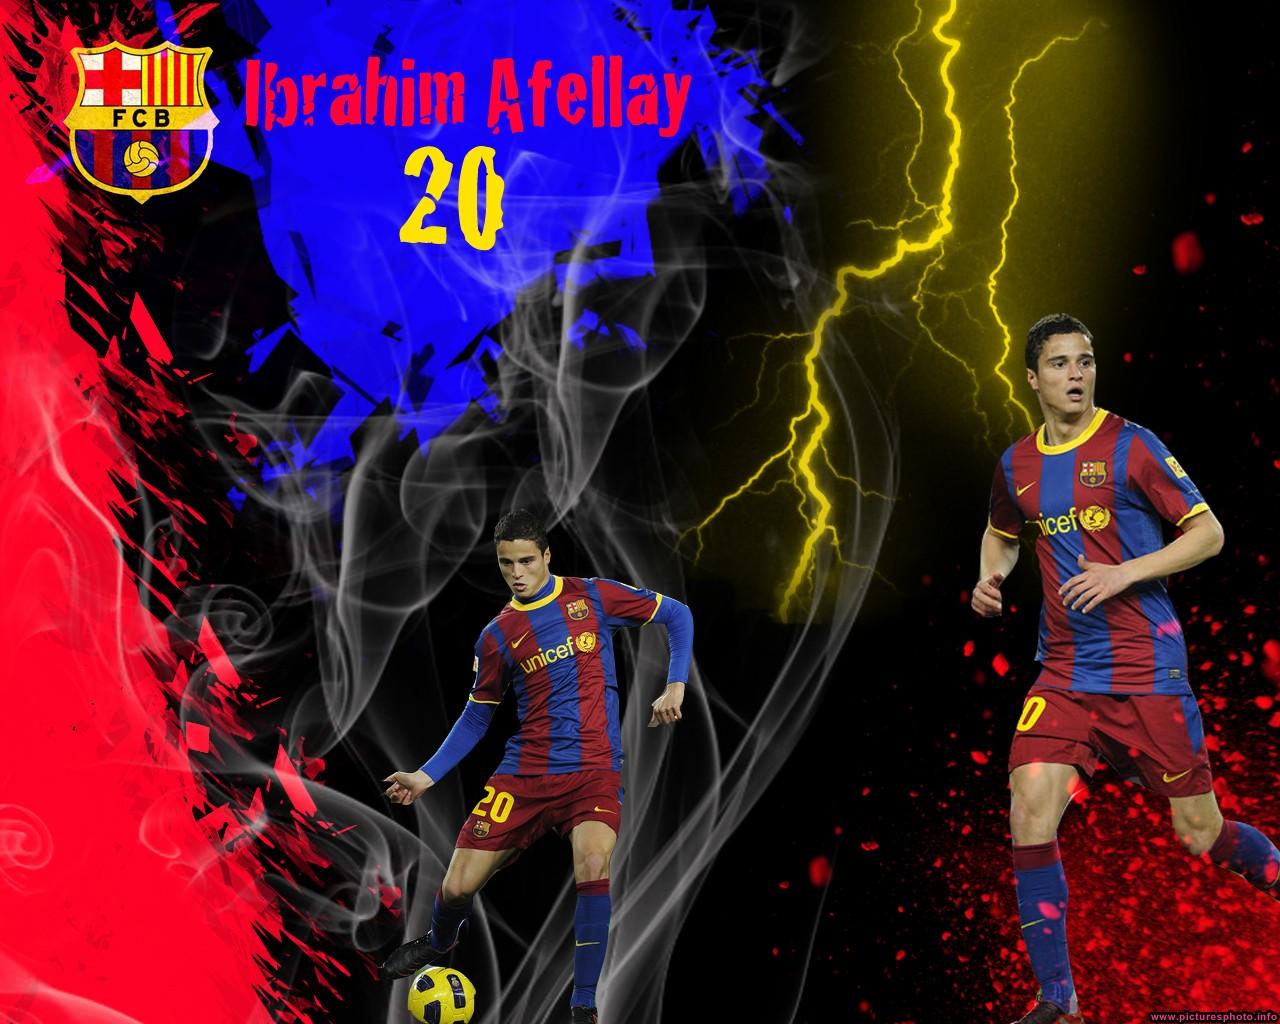 Ibrahim Afellay Wallpaper